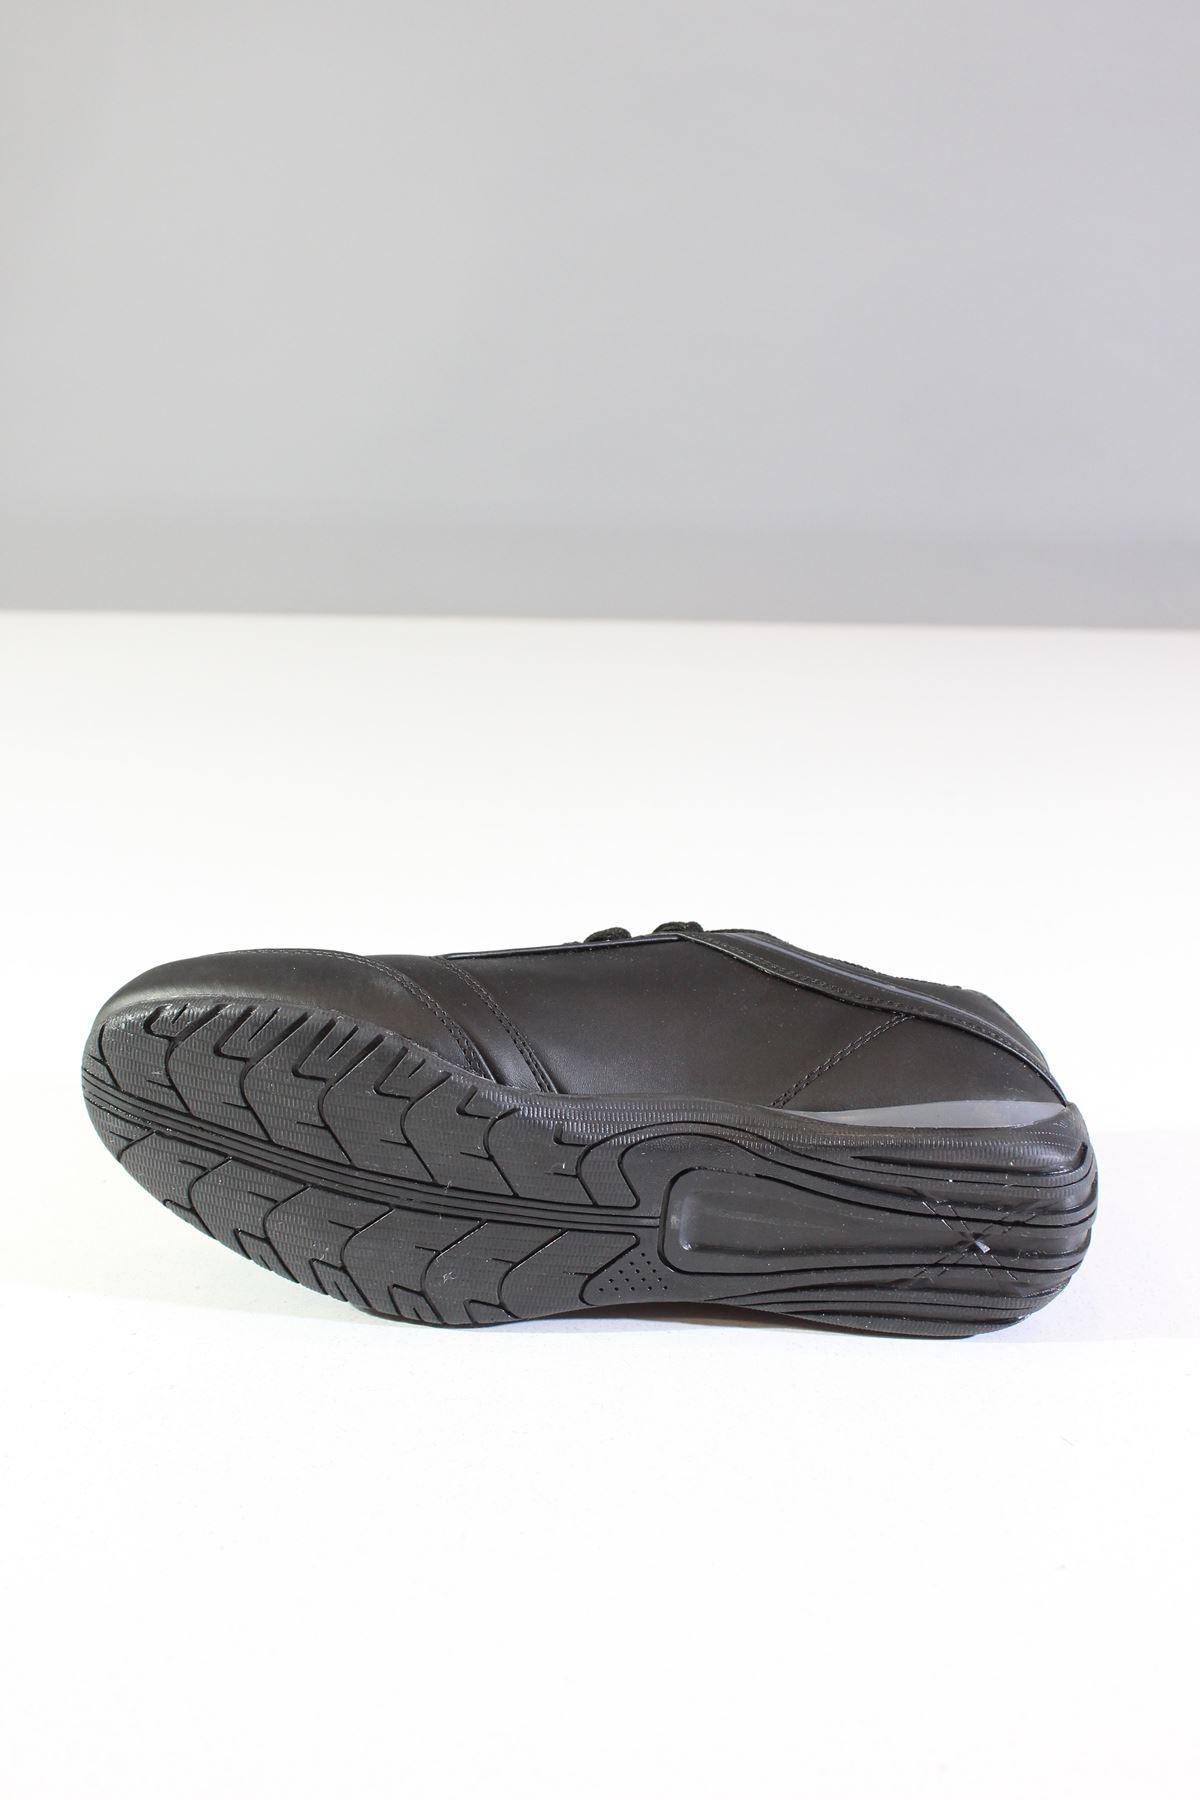 Wickers 2182 Siyah-Füme Erkek Spor Ayakkabı